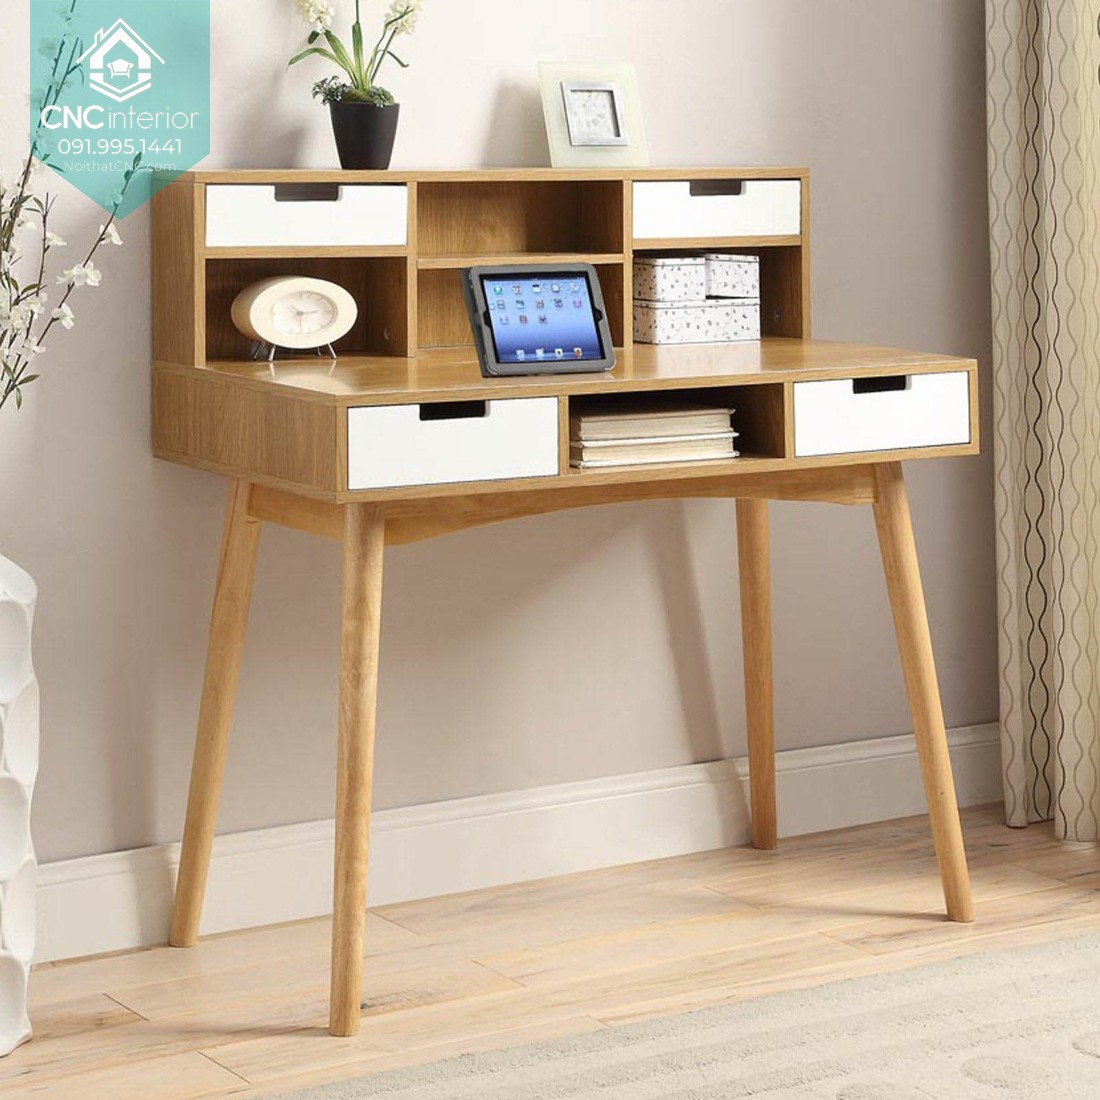 Thiết kế bàn làm việc trẻ trung năng động và nhỏ gọn